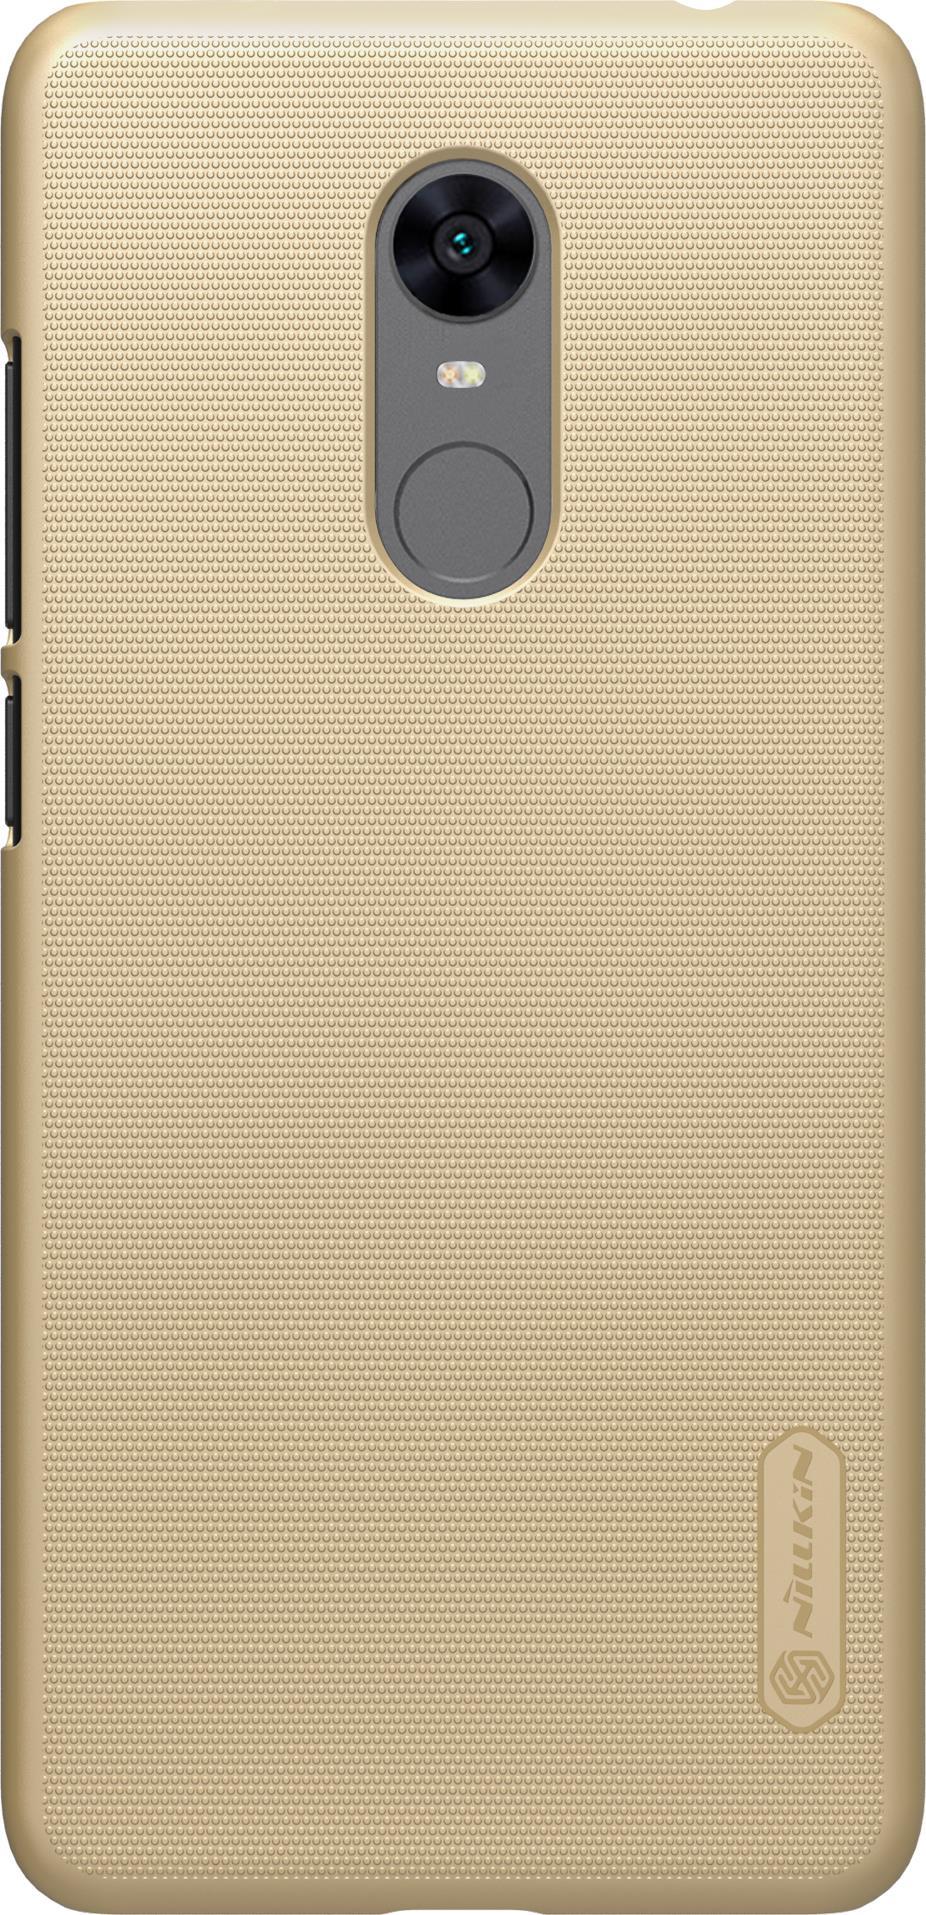 Чехол для сотового телефона Nillkin Super Frosted, 6902048152021, золотой